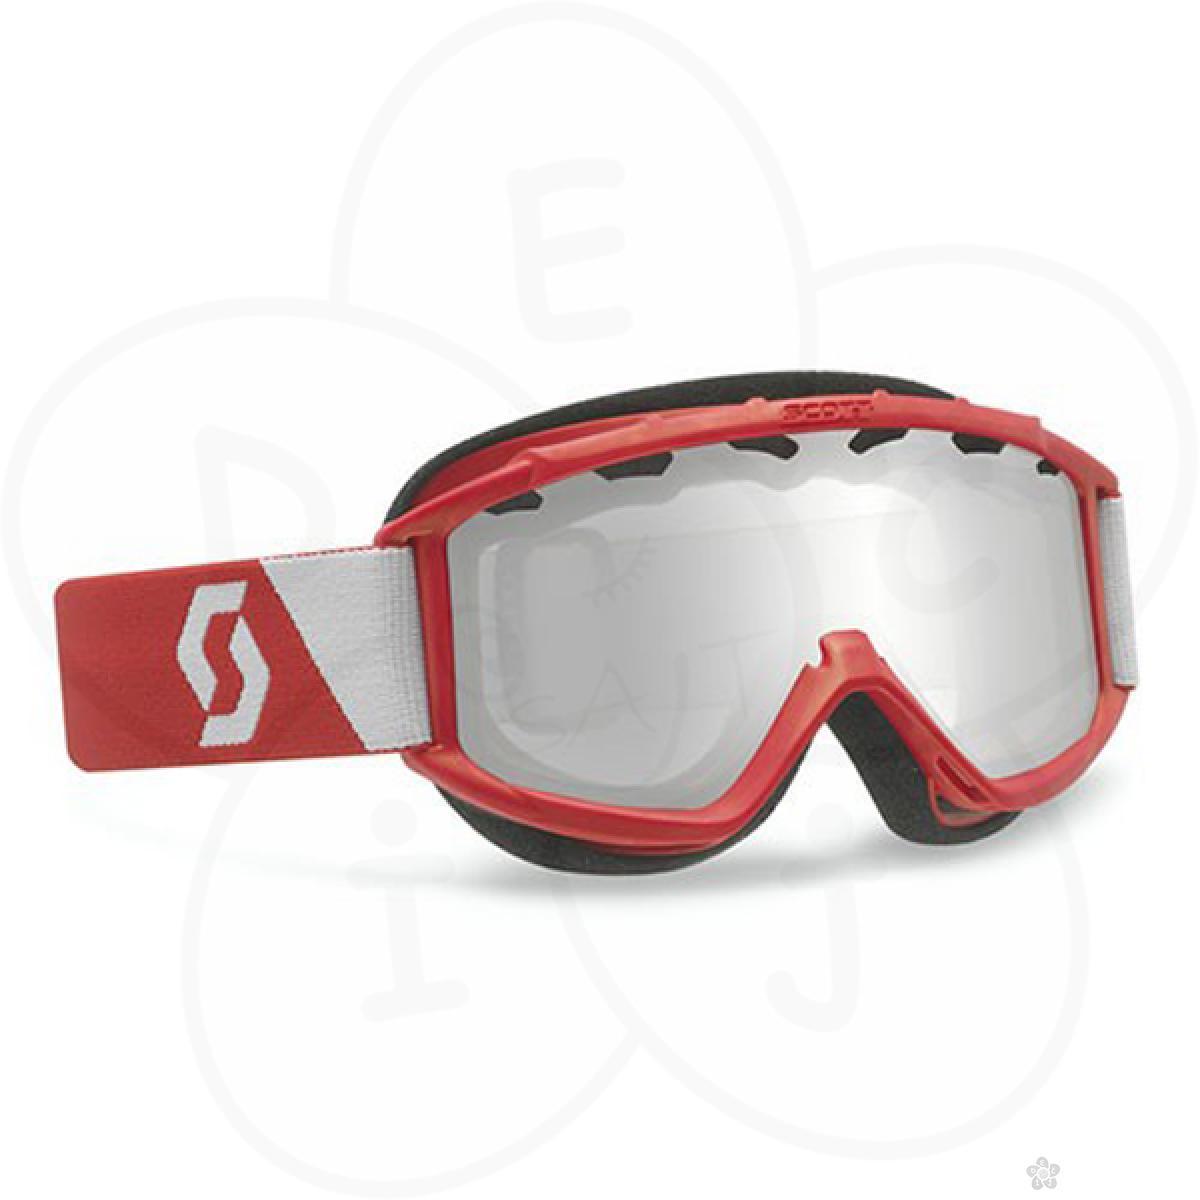 Naočare za skijanje Scott HOOK UP red-light amplifier, SC2365220004005